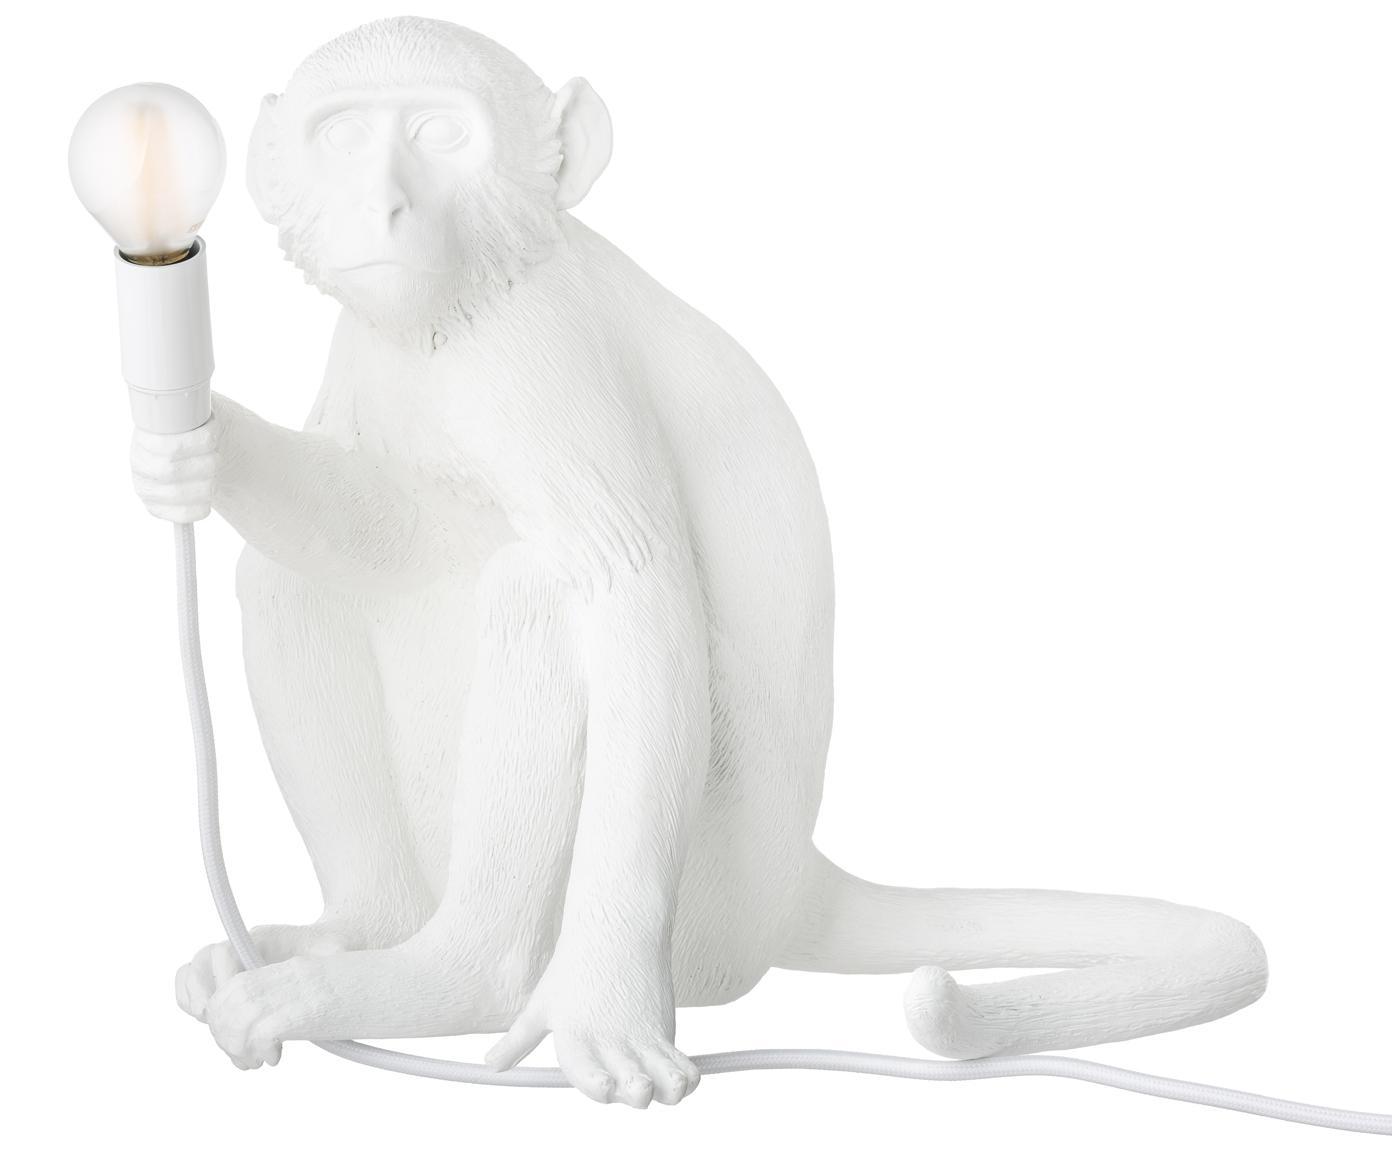 Lampa stołowa Monkey, Żywica syntetyczna, Biały, S 34 x W 32 cm